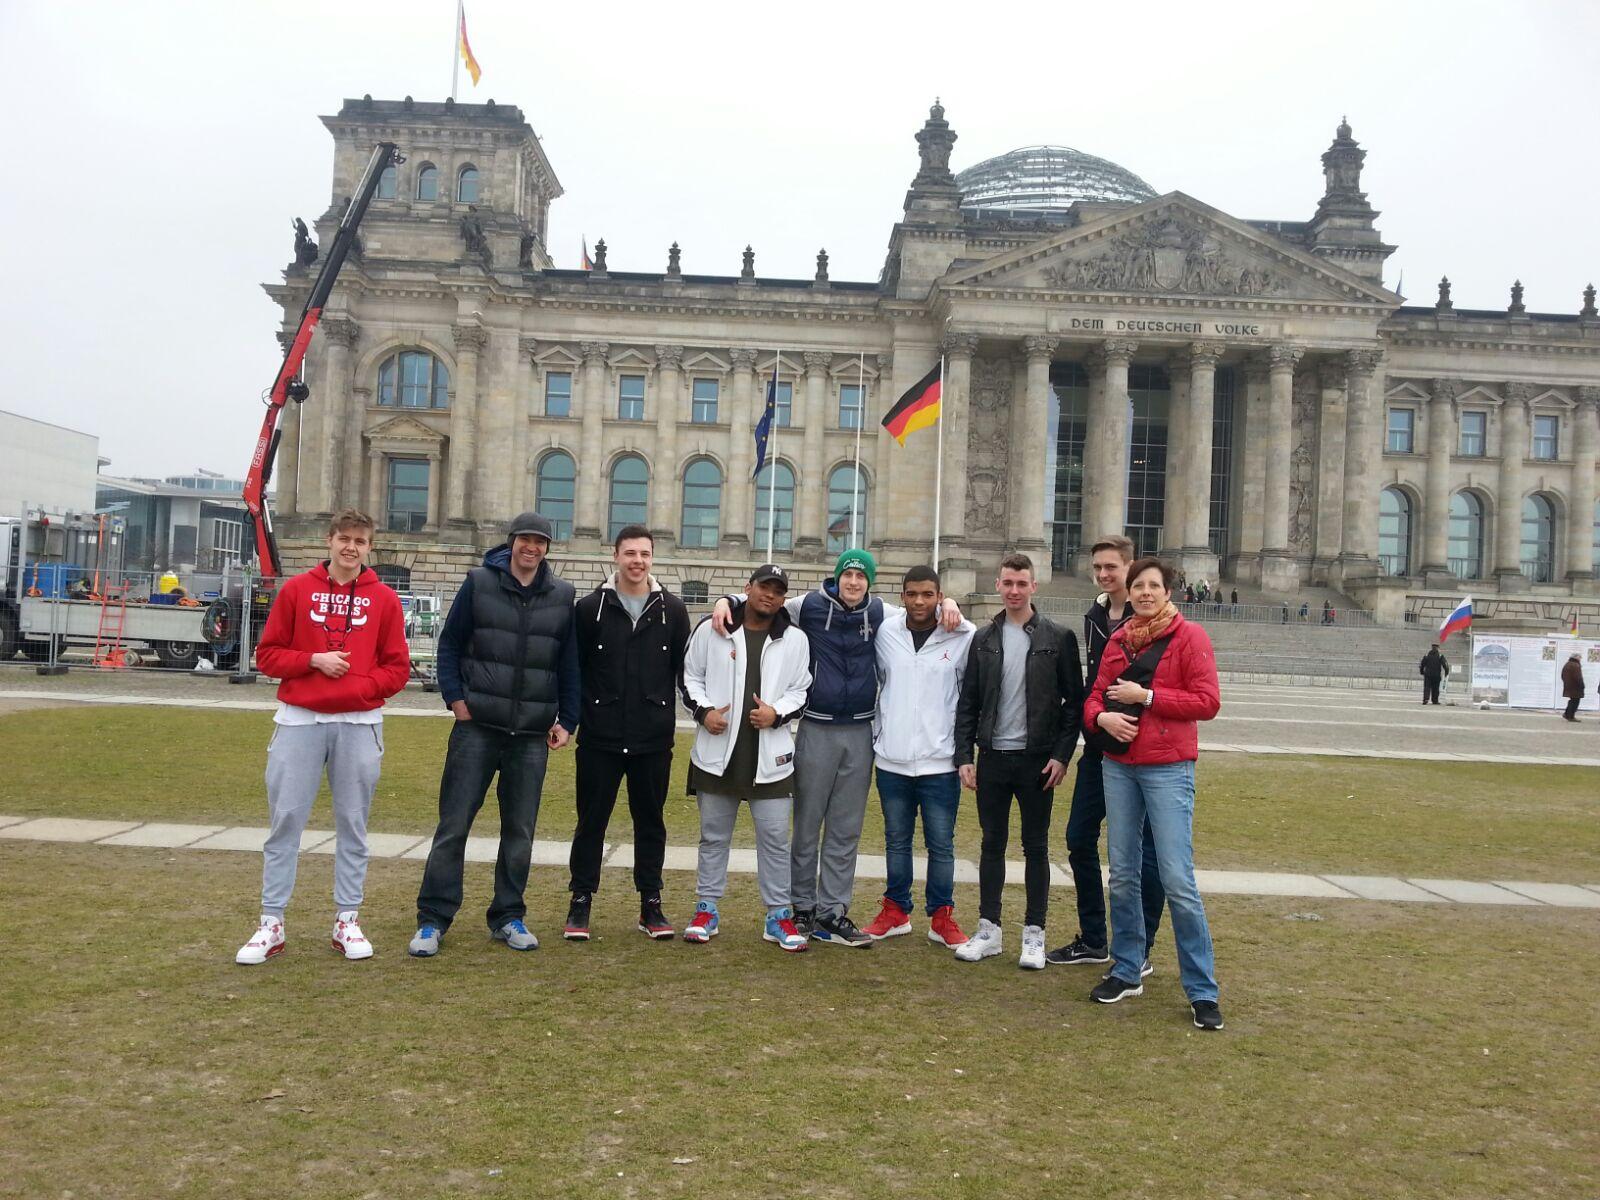 Berlin Eastercup 2016